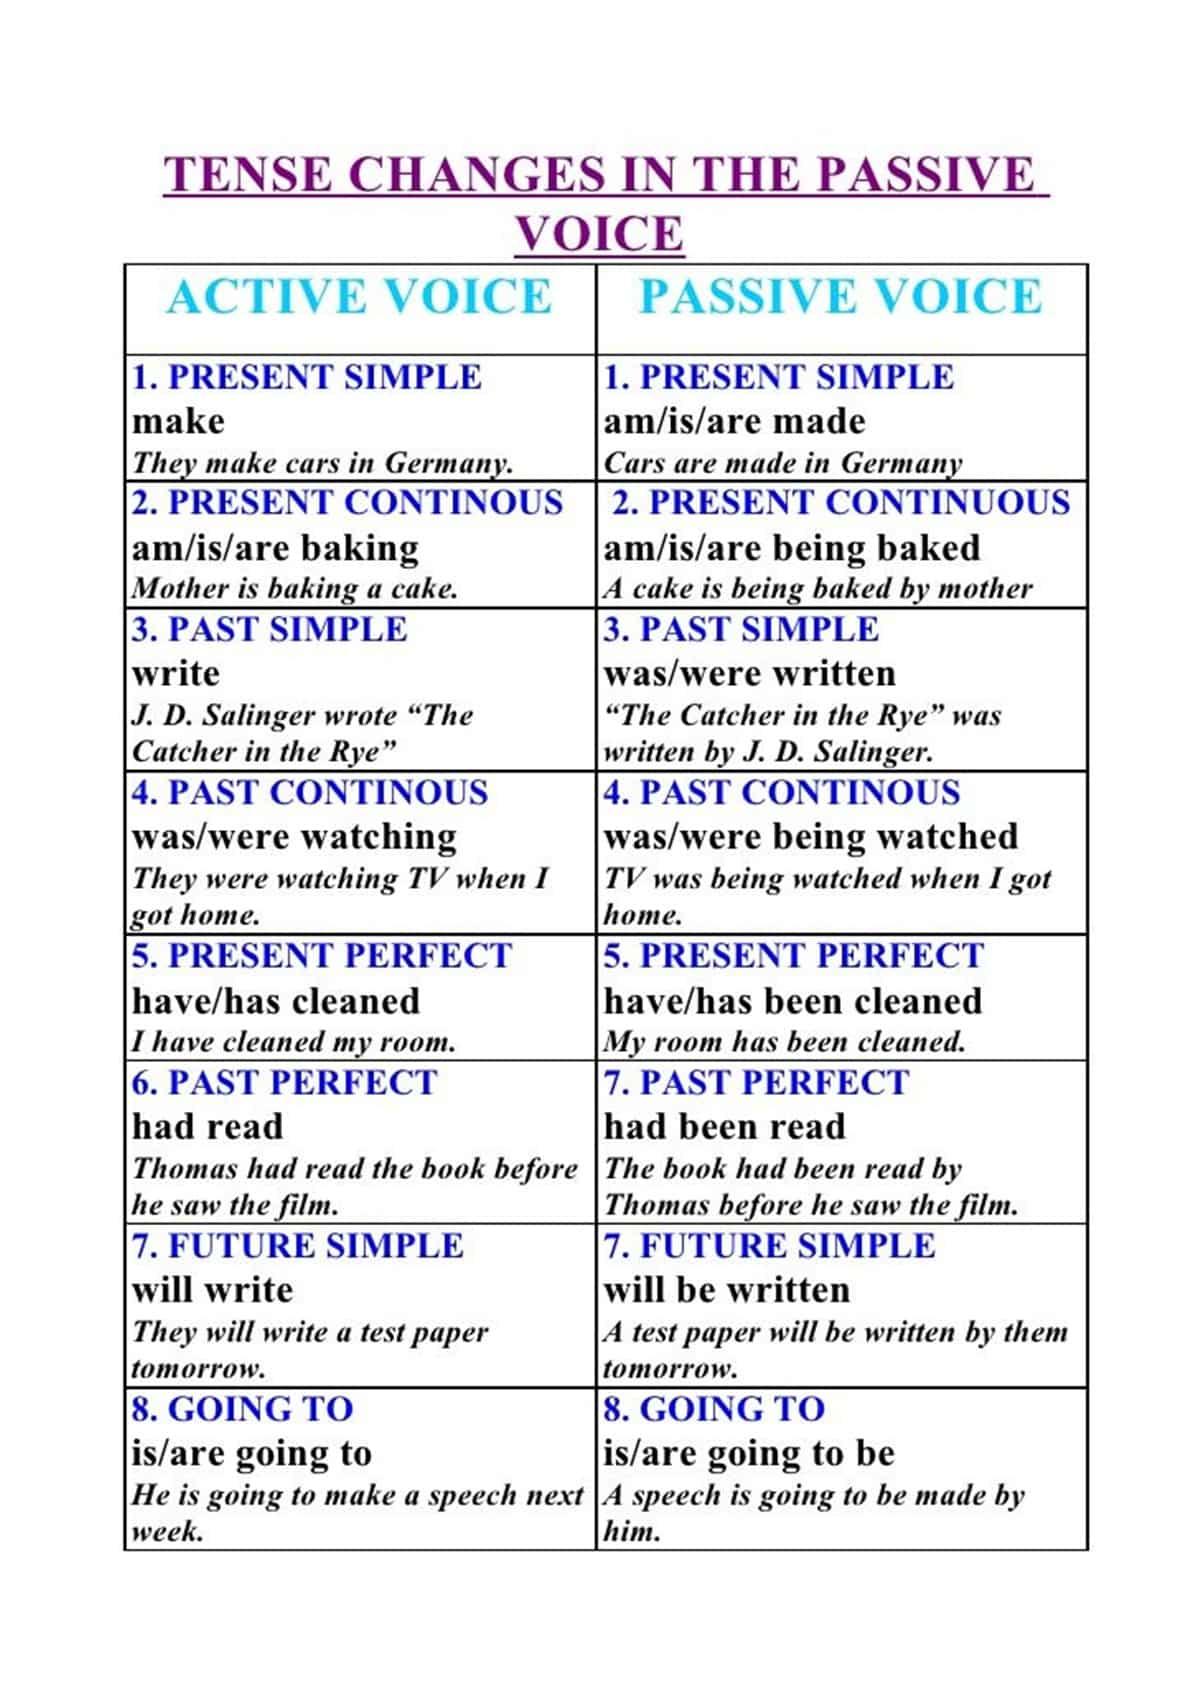 Как сделать из активного залога в пассивный